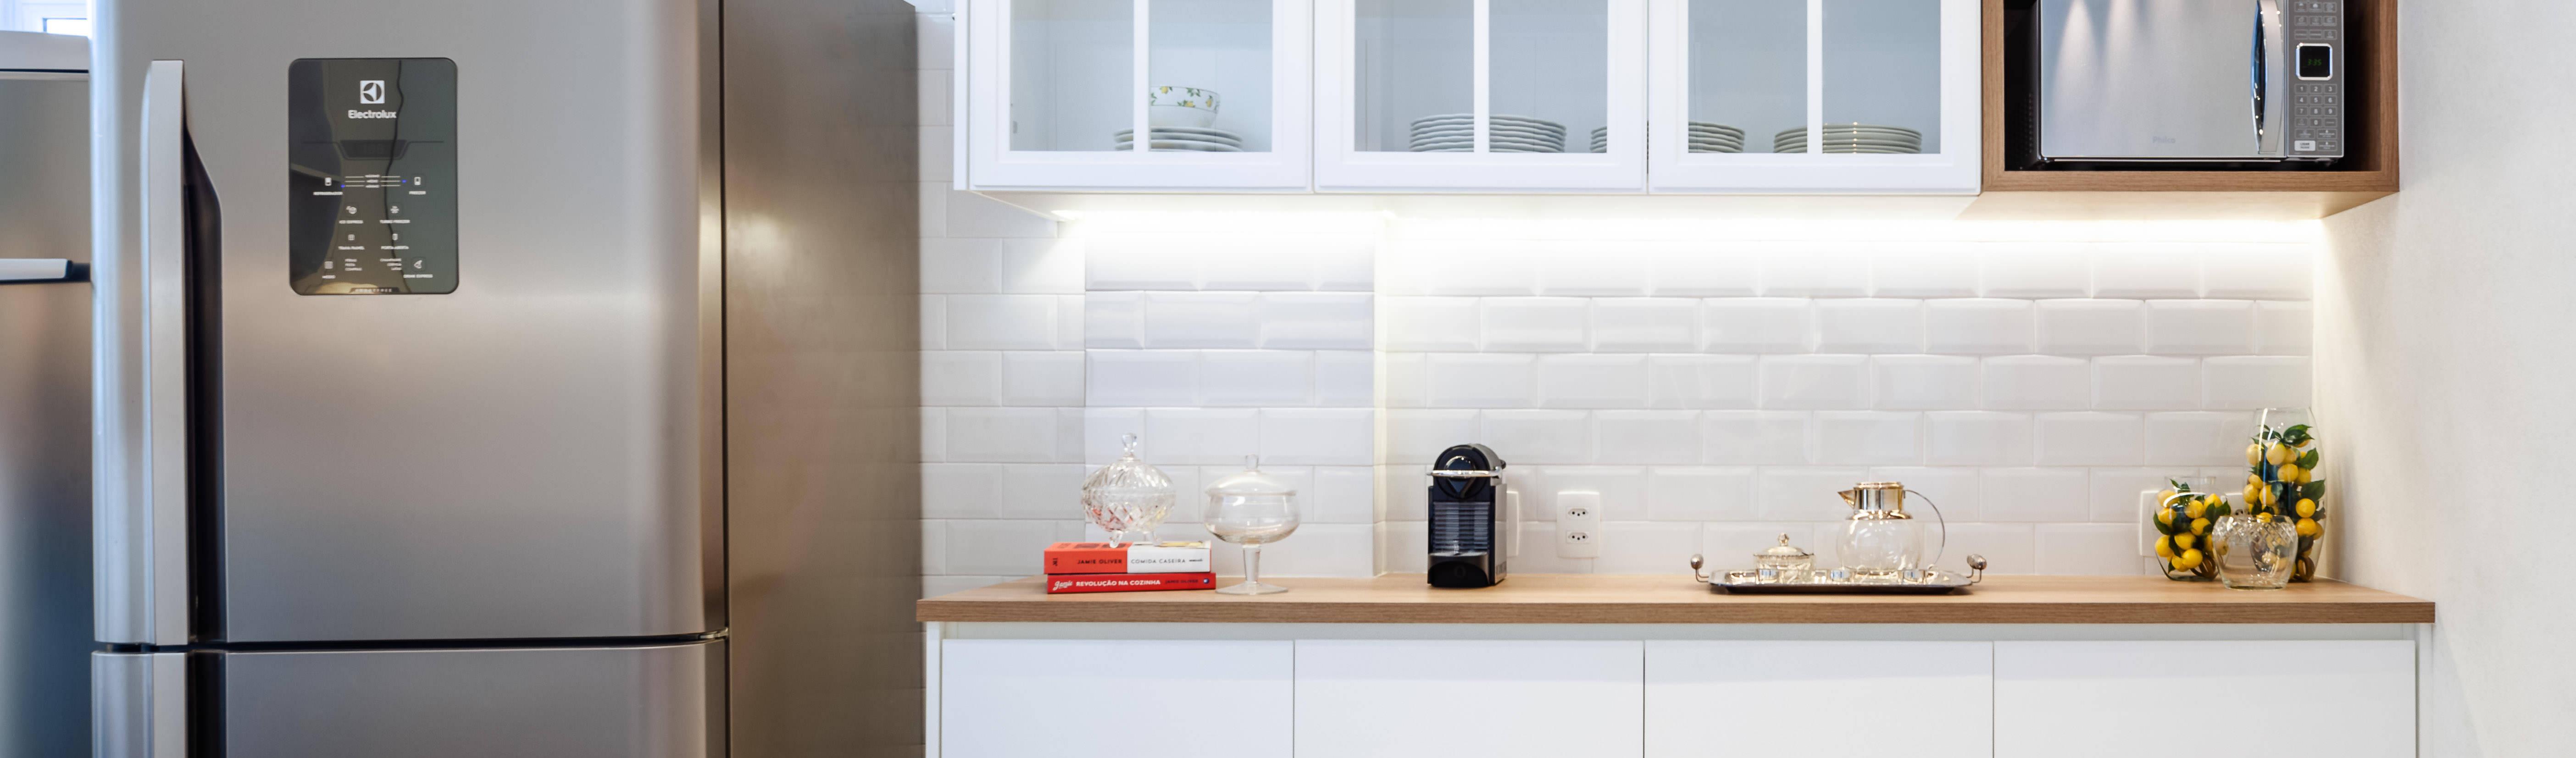 Aline Frota Interiores + Retail Design